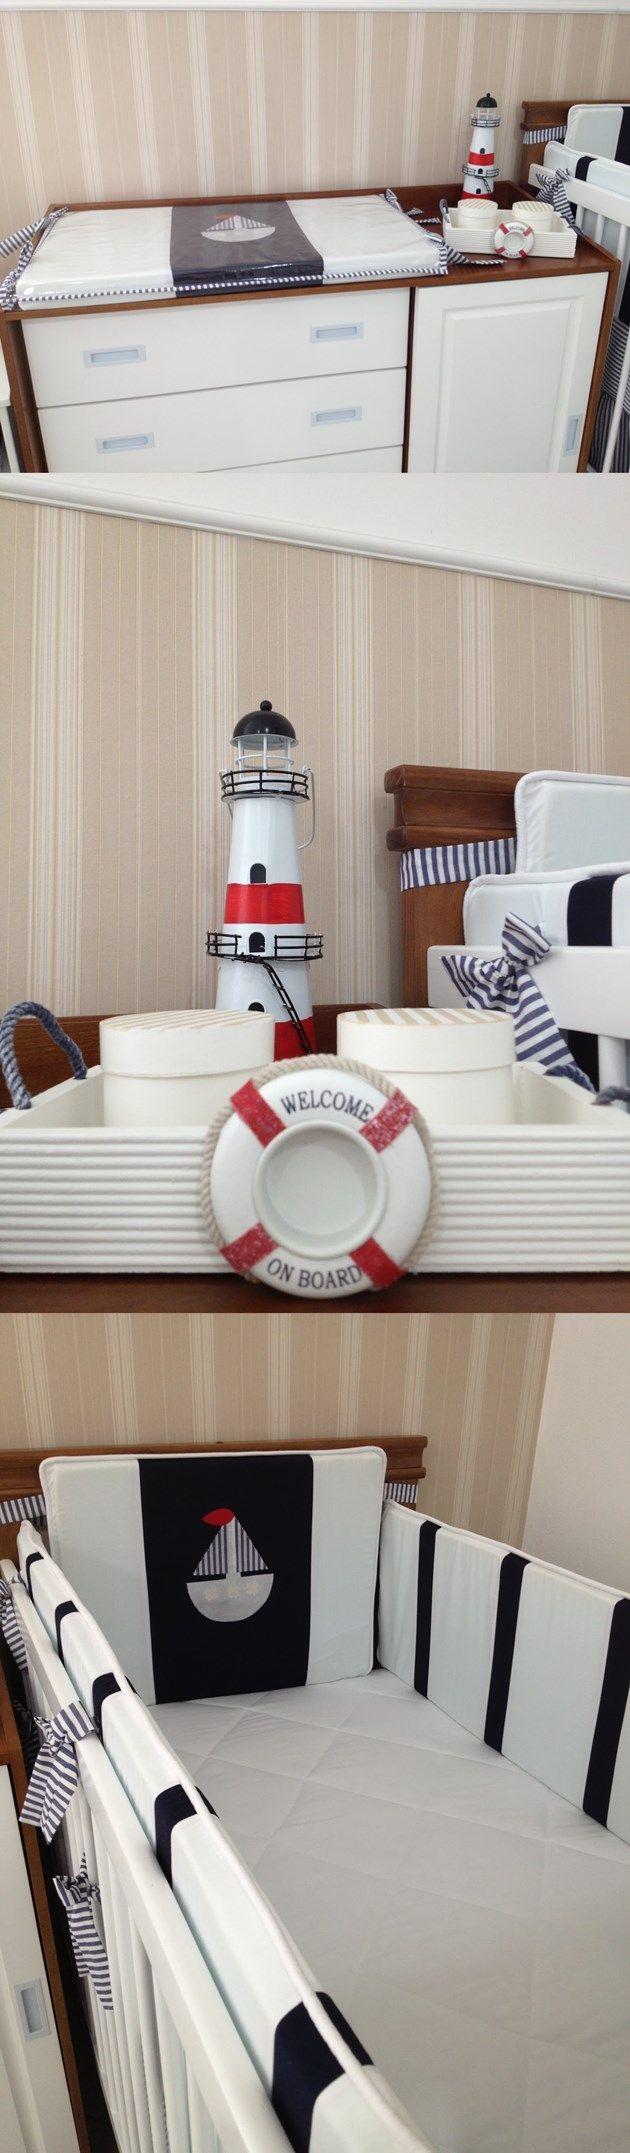 ideias para quarto de beb marinheiro que voc no pode deixar de ver ideas for